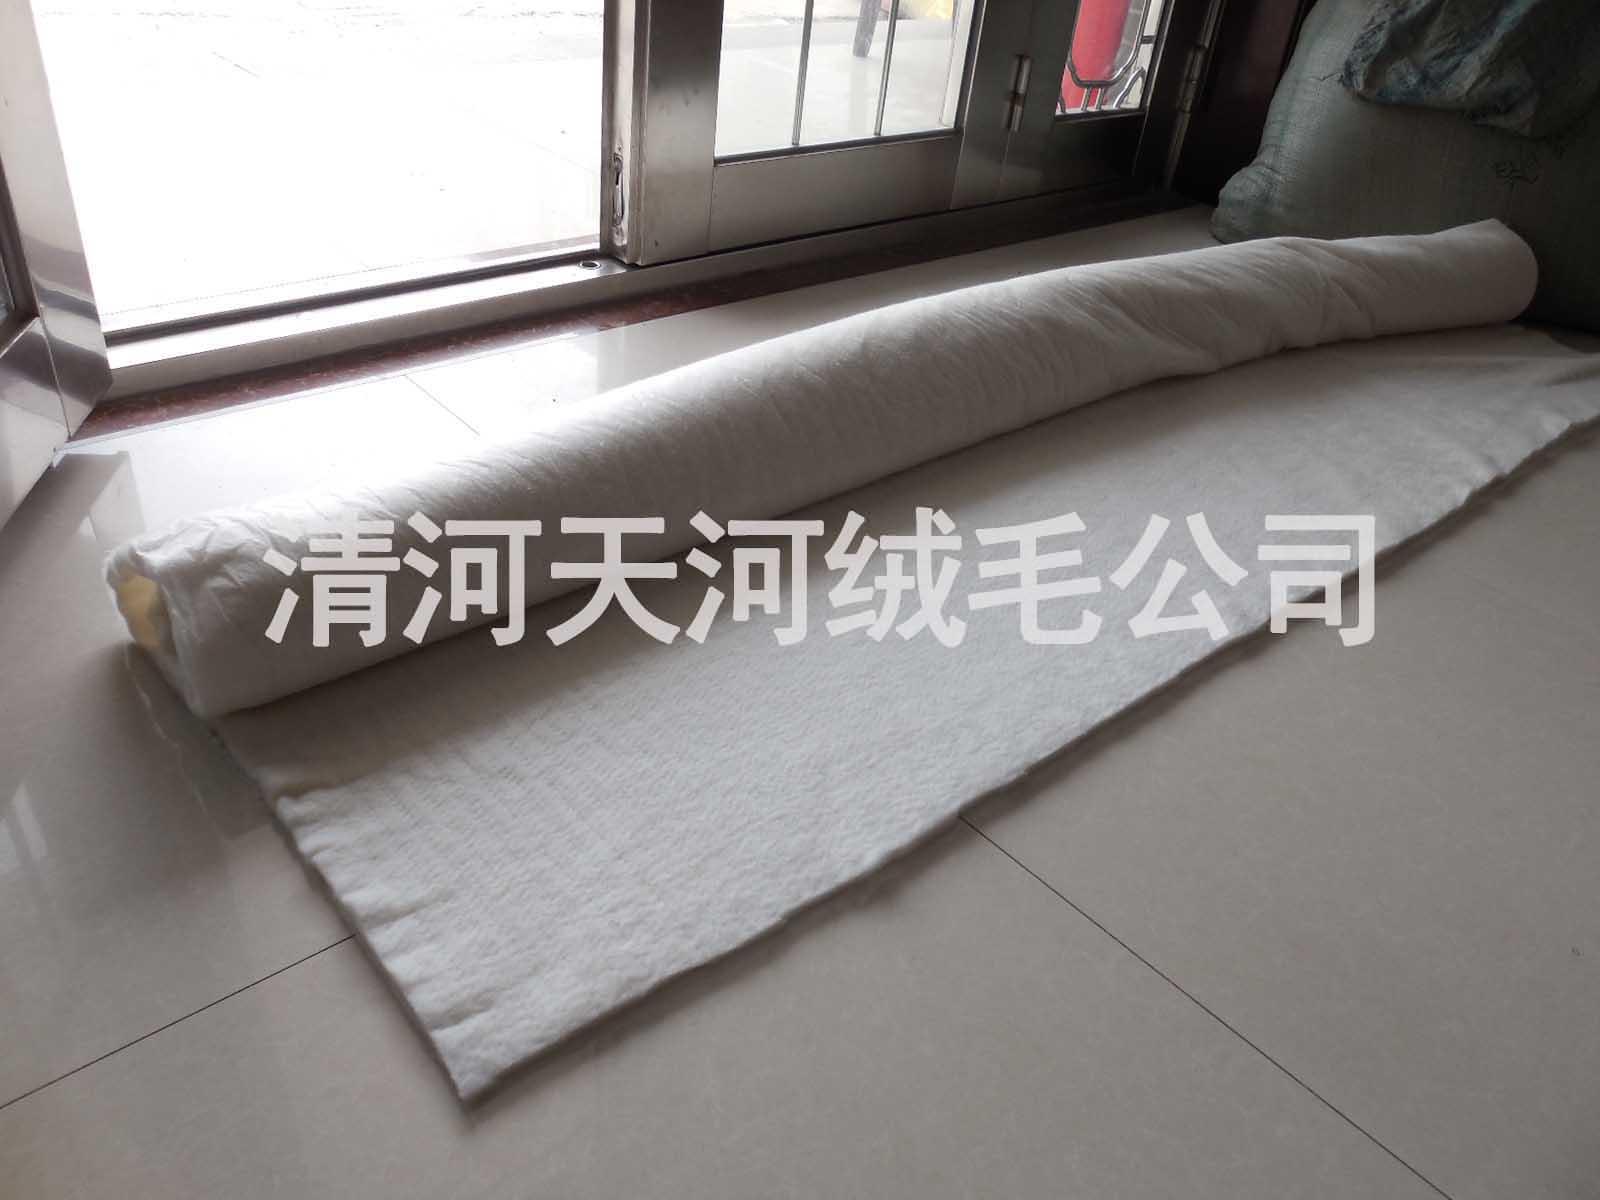 厂家直销的羊绒絮片图片-邢台报价合理的羊绒絮片推荐